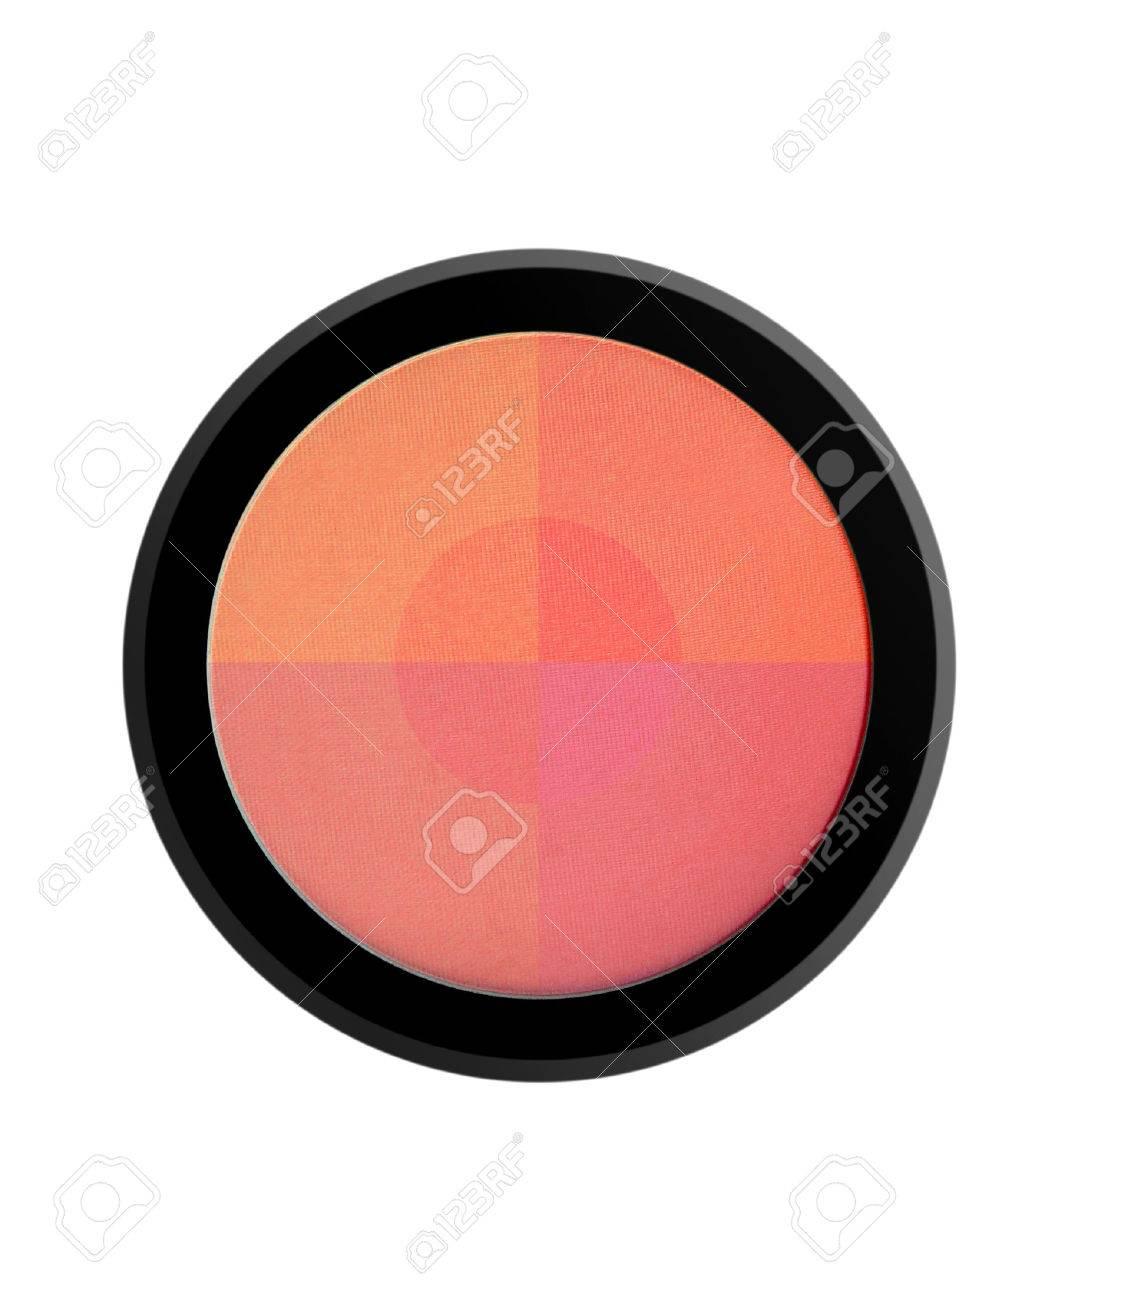 face powder blush isolated on white background - 43132080